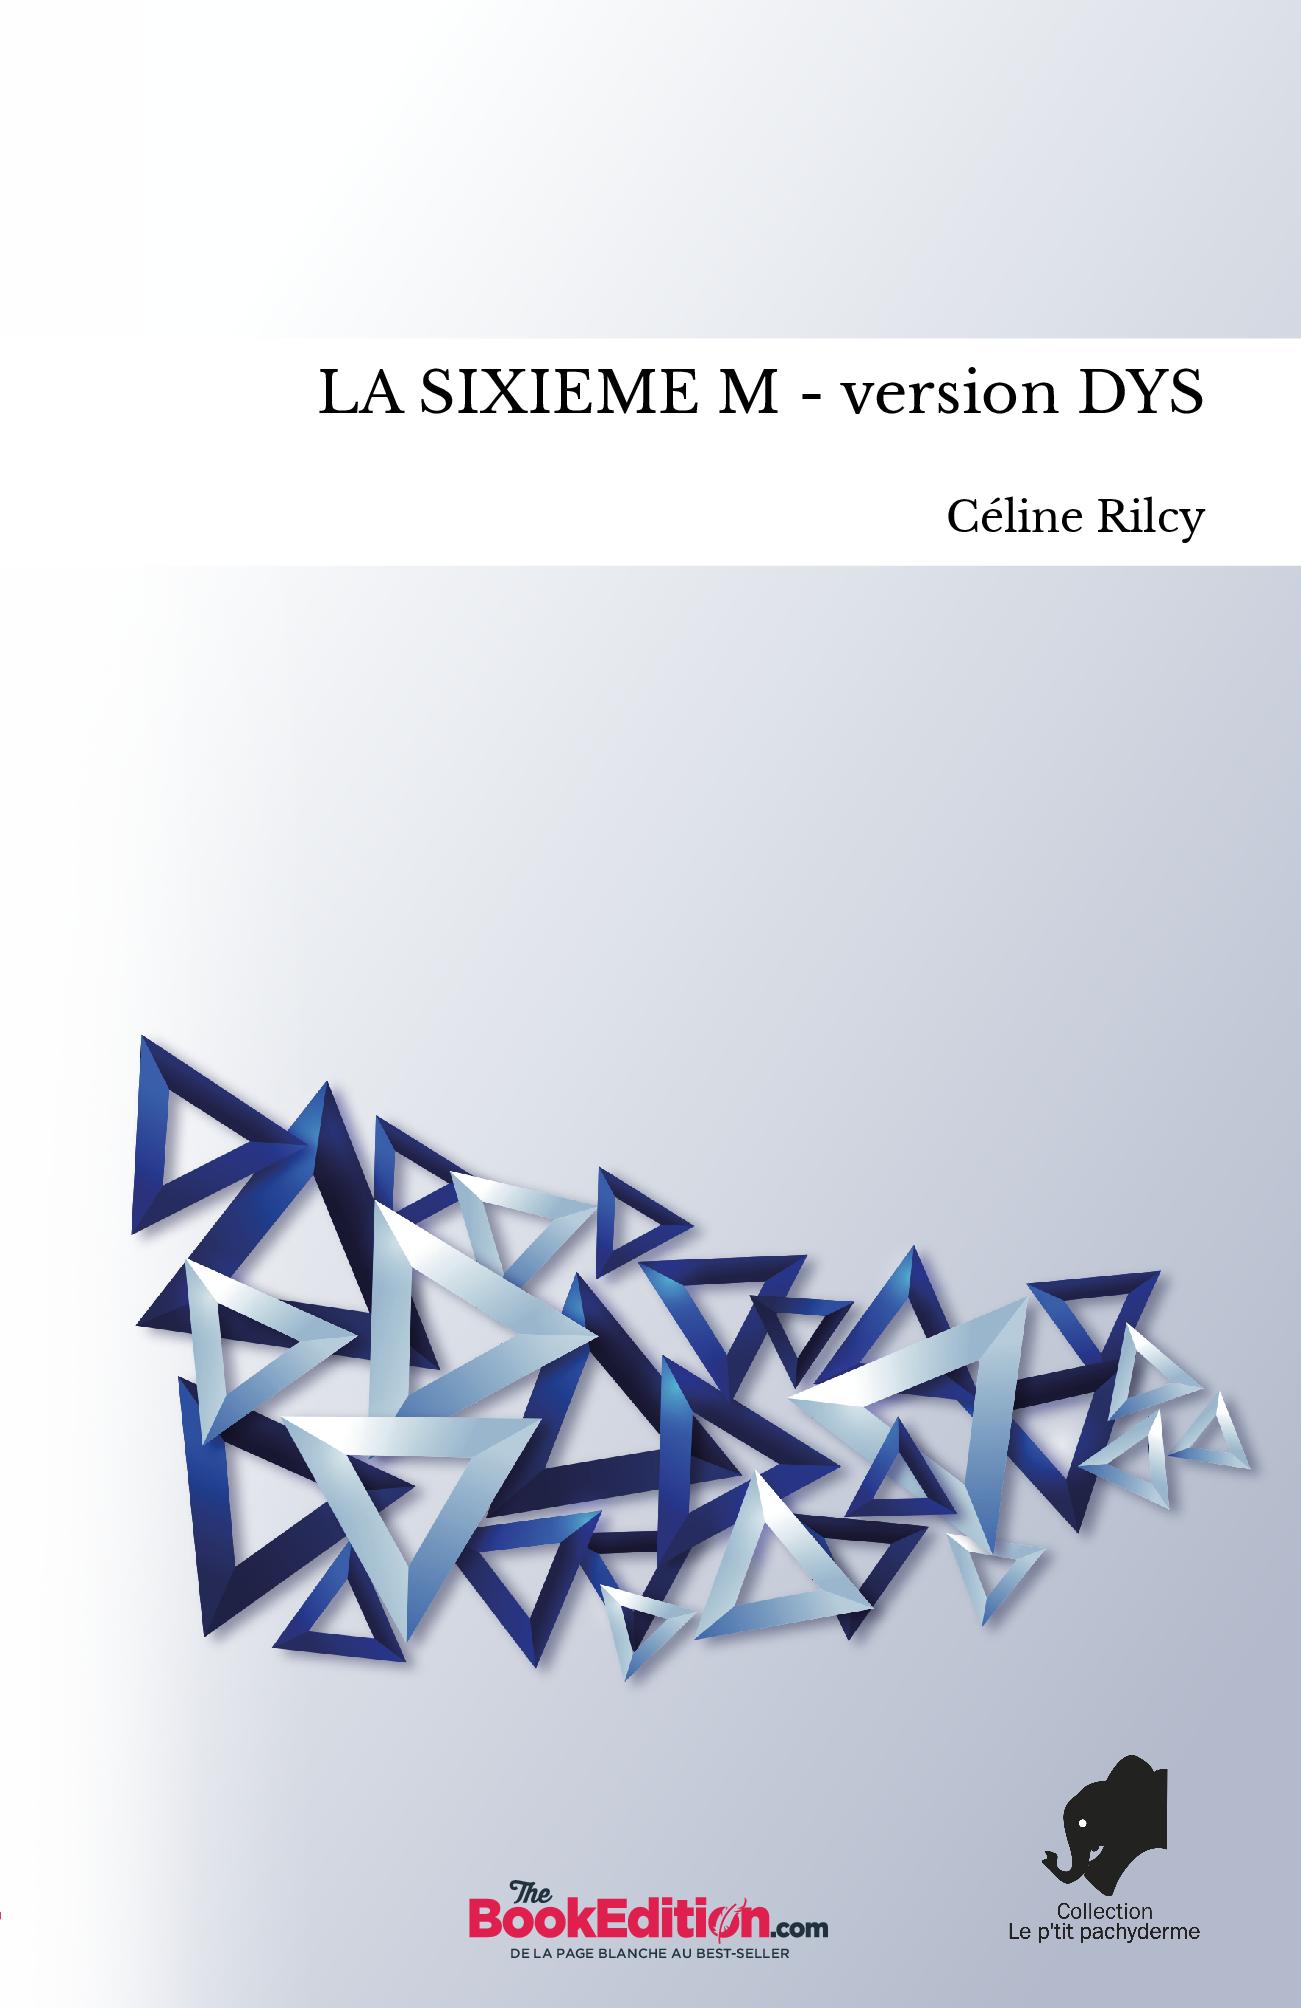 LA SIXIEME M - version DYS